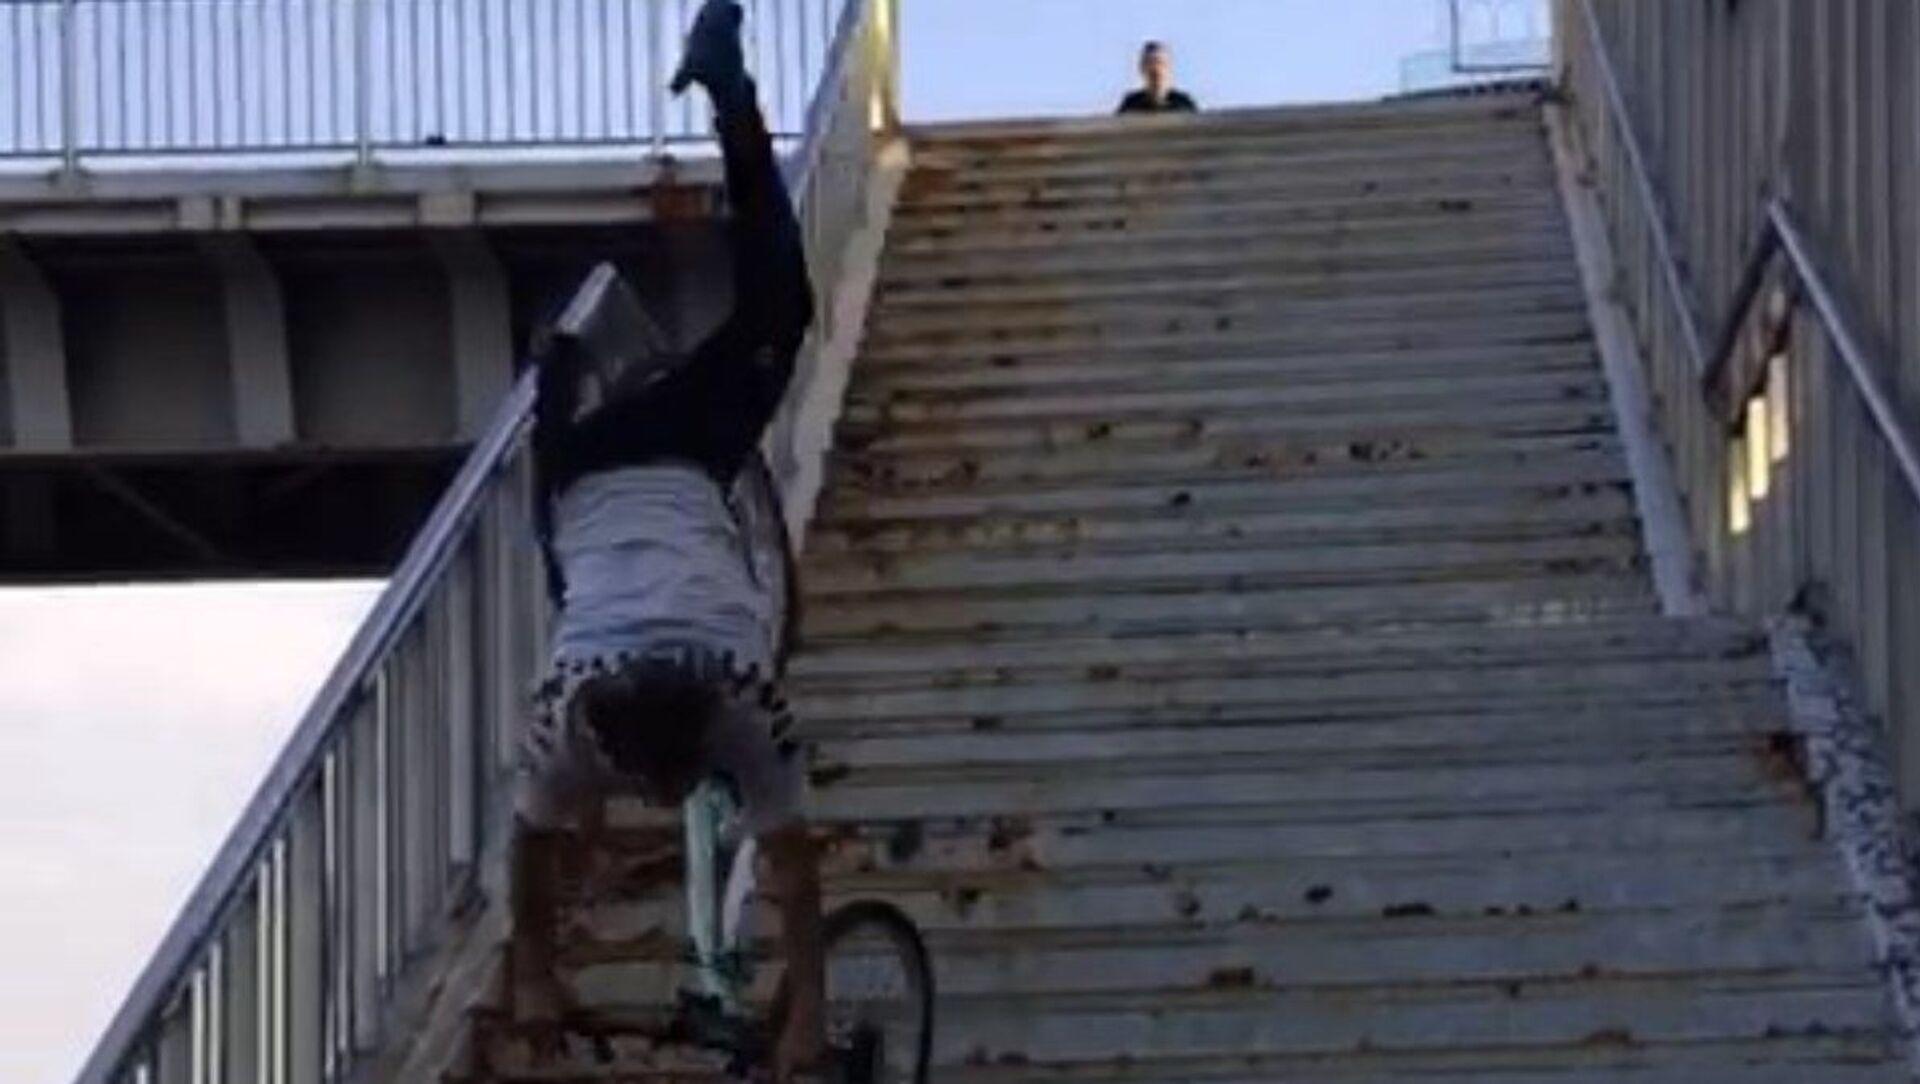 TikTok videosu çekmek için bisikletle merdivenden iniyordu: Dengesini kaybedip düşen genç ağır yaralandı - Sputnik Türkiye, 1920, 31.05.2021